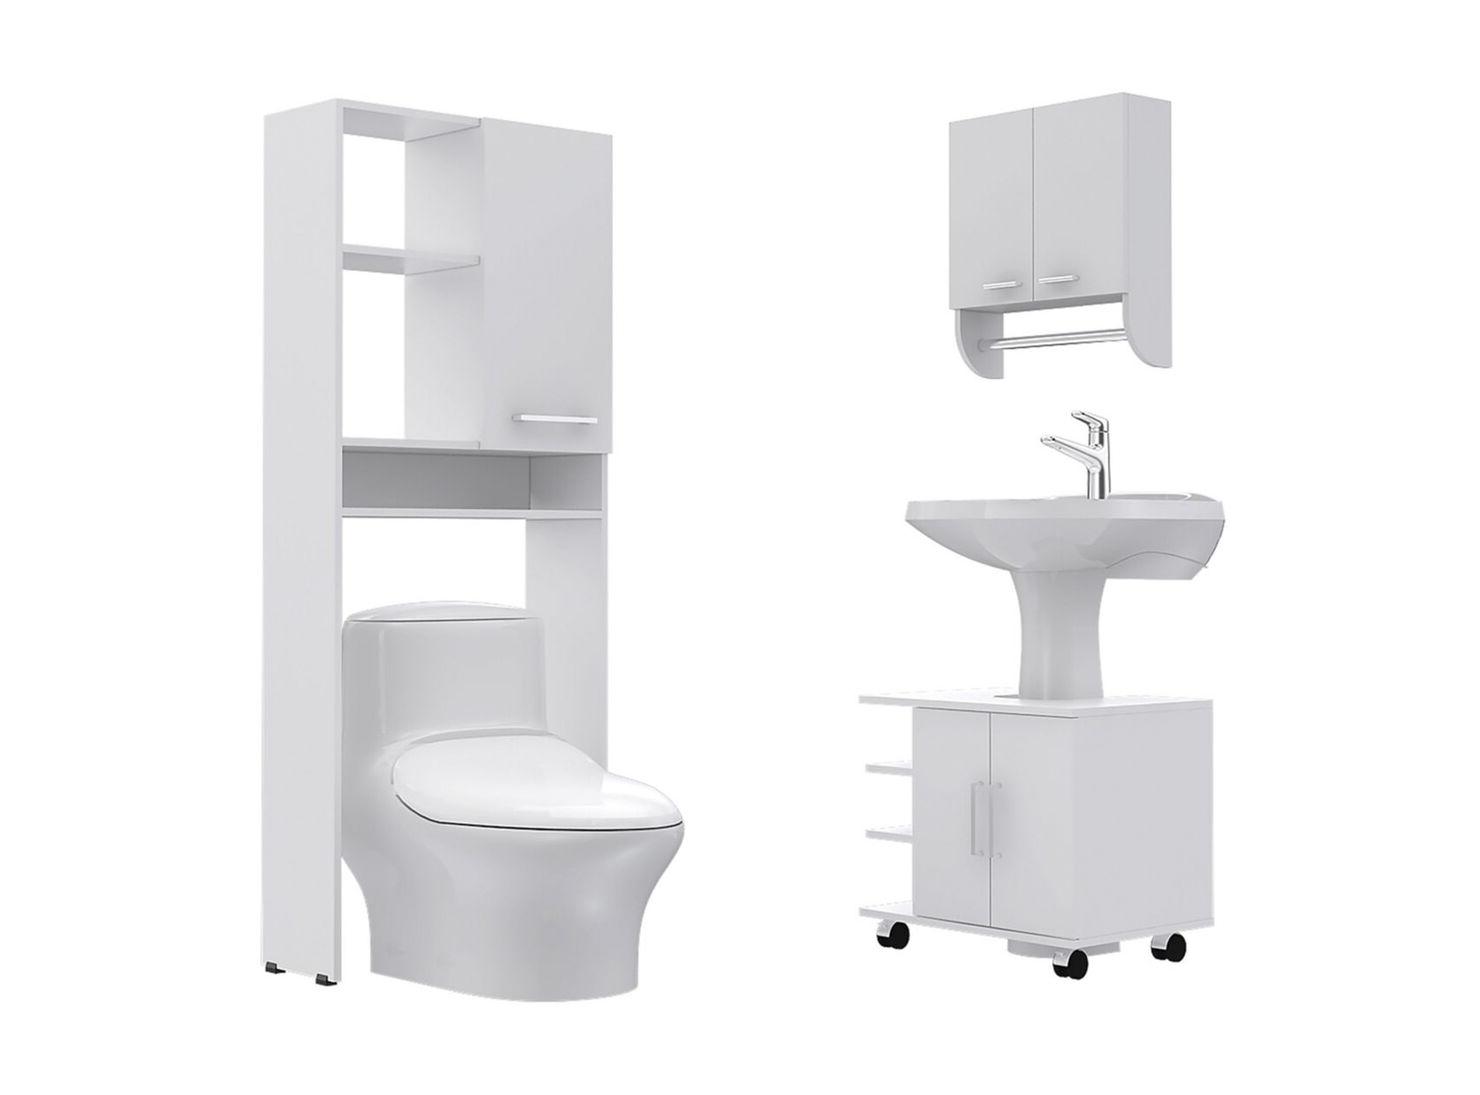 Mueble Baño Con Lavabo Whdr Bos Baà O Big Bath Botiquà N Mural Optimizador Lavamanos 2 Puertas Armario Optimizador Tuhome